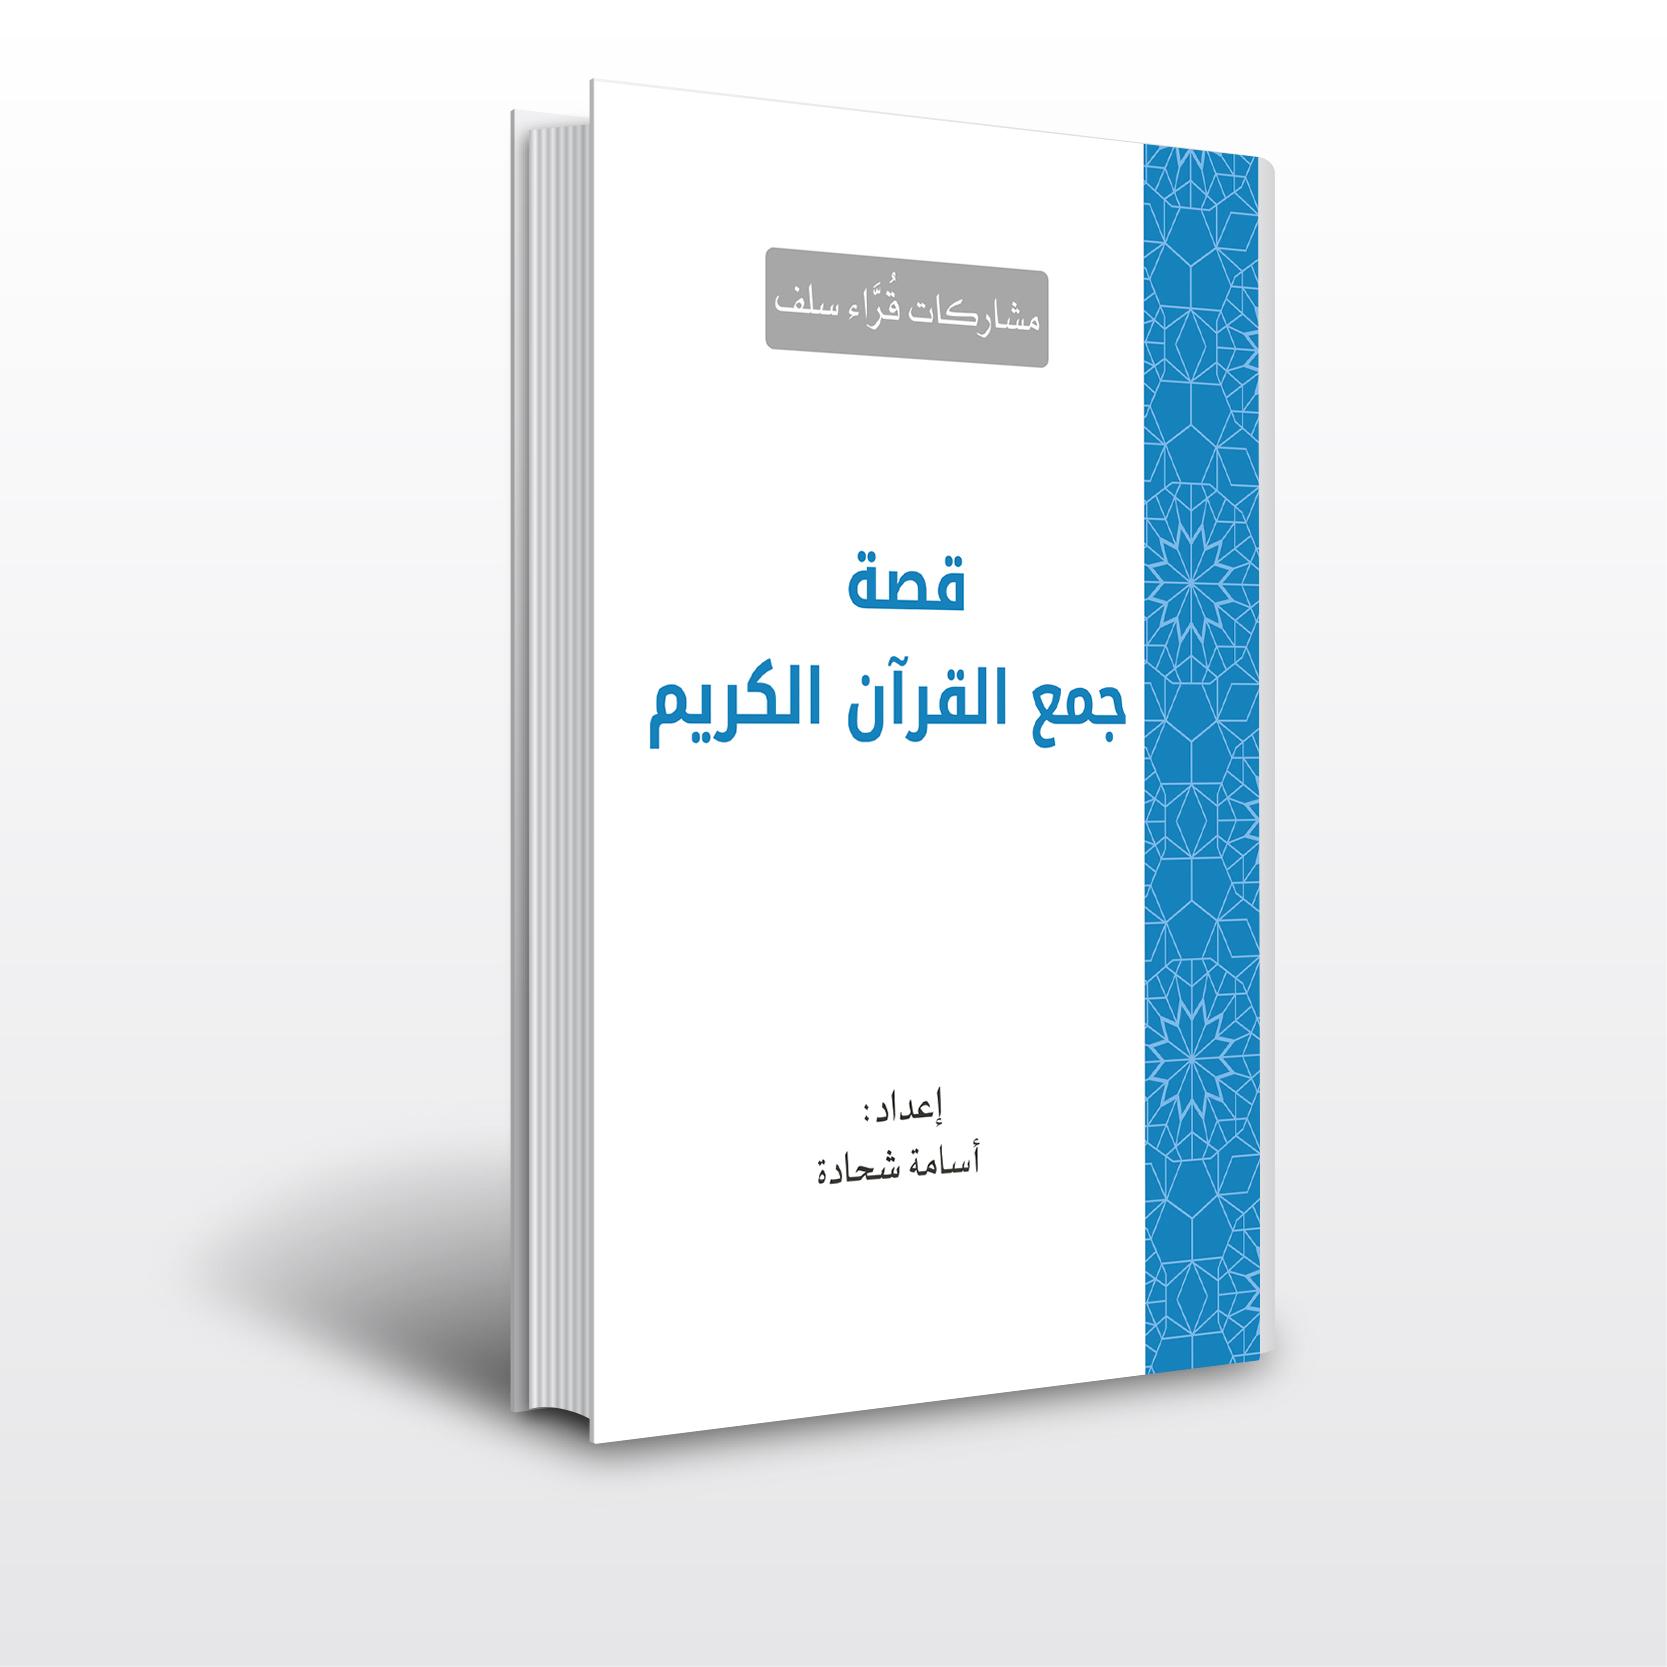 قصة جمع القرآن الكريم مركز سلف للبحوث والدراسات